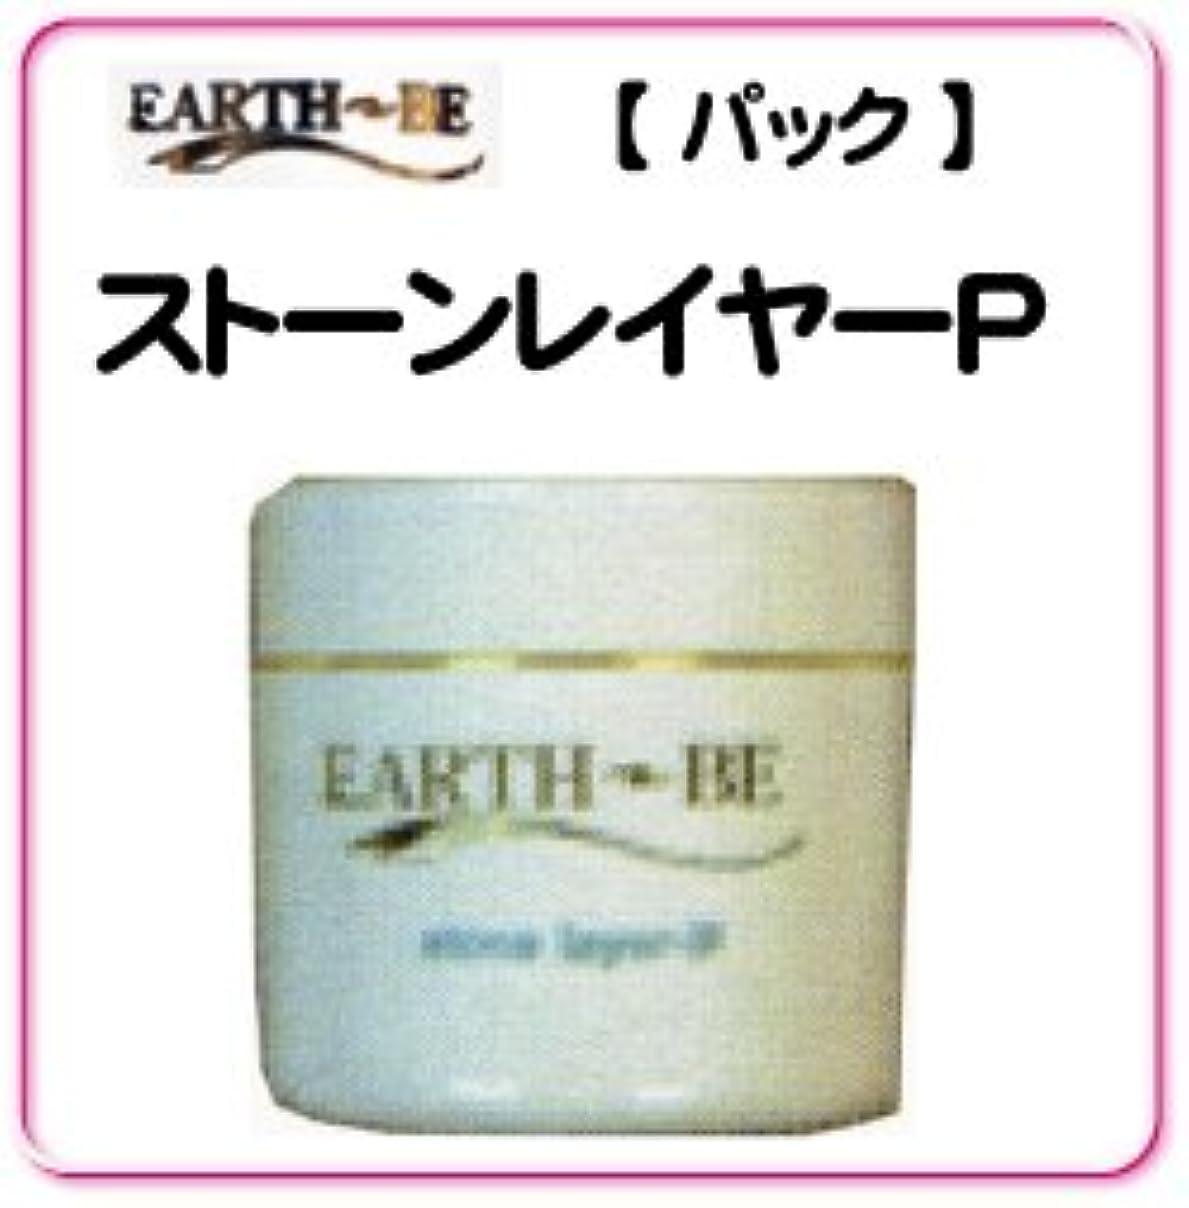 ハンディキャップ分離するベルマン化粧品 EARTH-Bシリーズ  アースビ ストーンレイヤー P  パック 100g